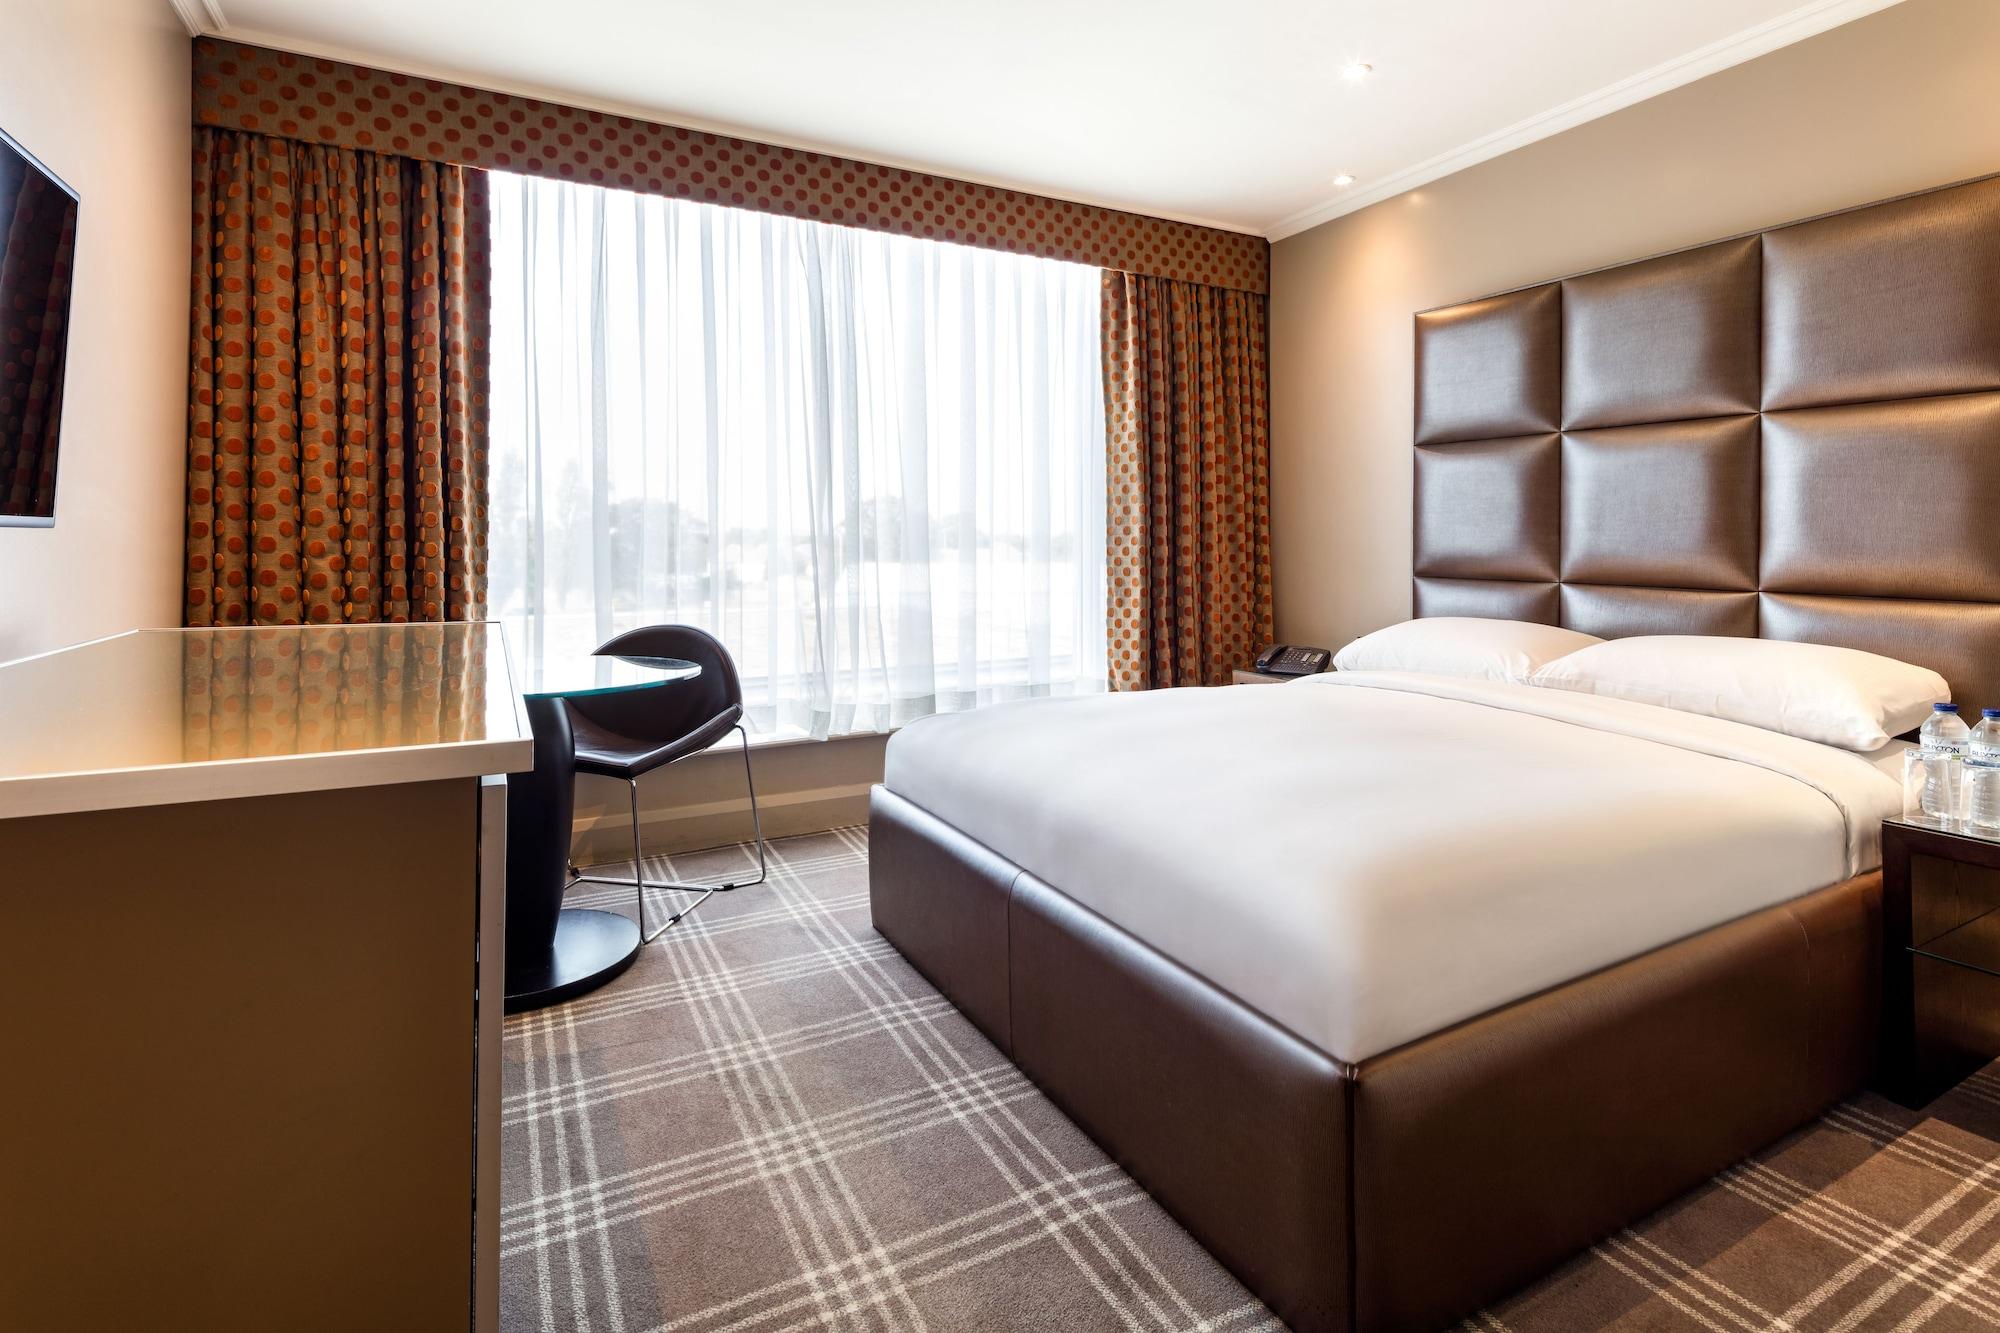 Radisson Blu Edwardian Heathrow Hotel, London